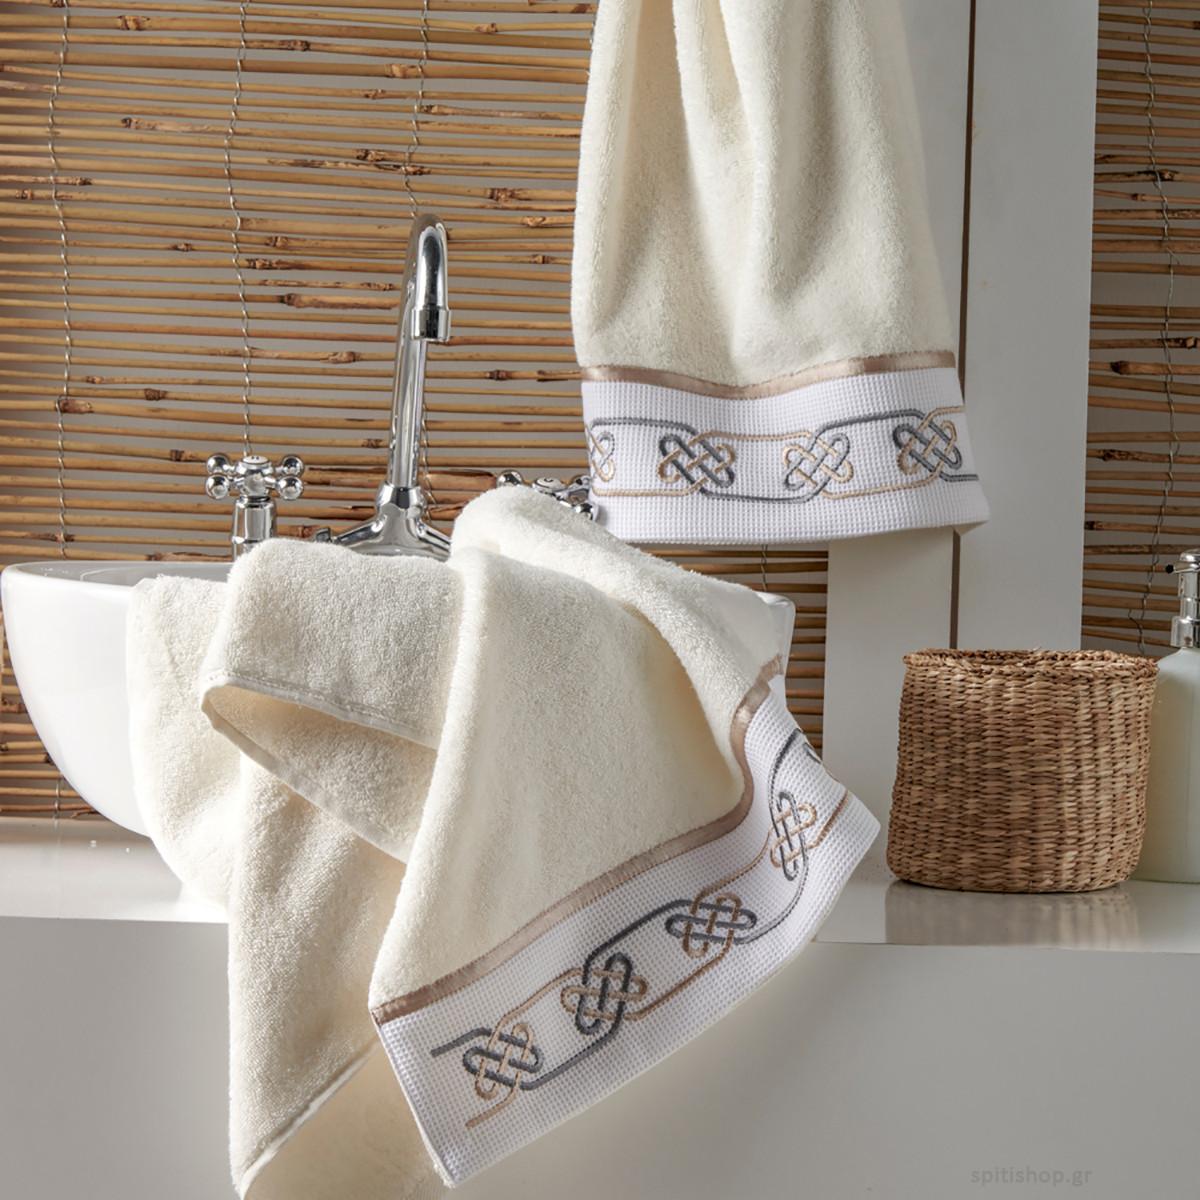 Πετσέτες Μπάνιου (Σετ 3τμχ) Kentia Bath Geo 12